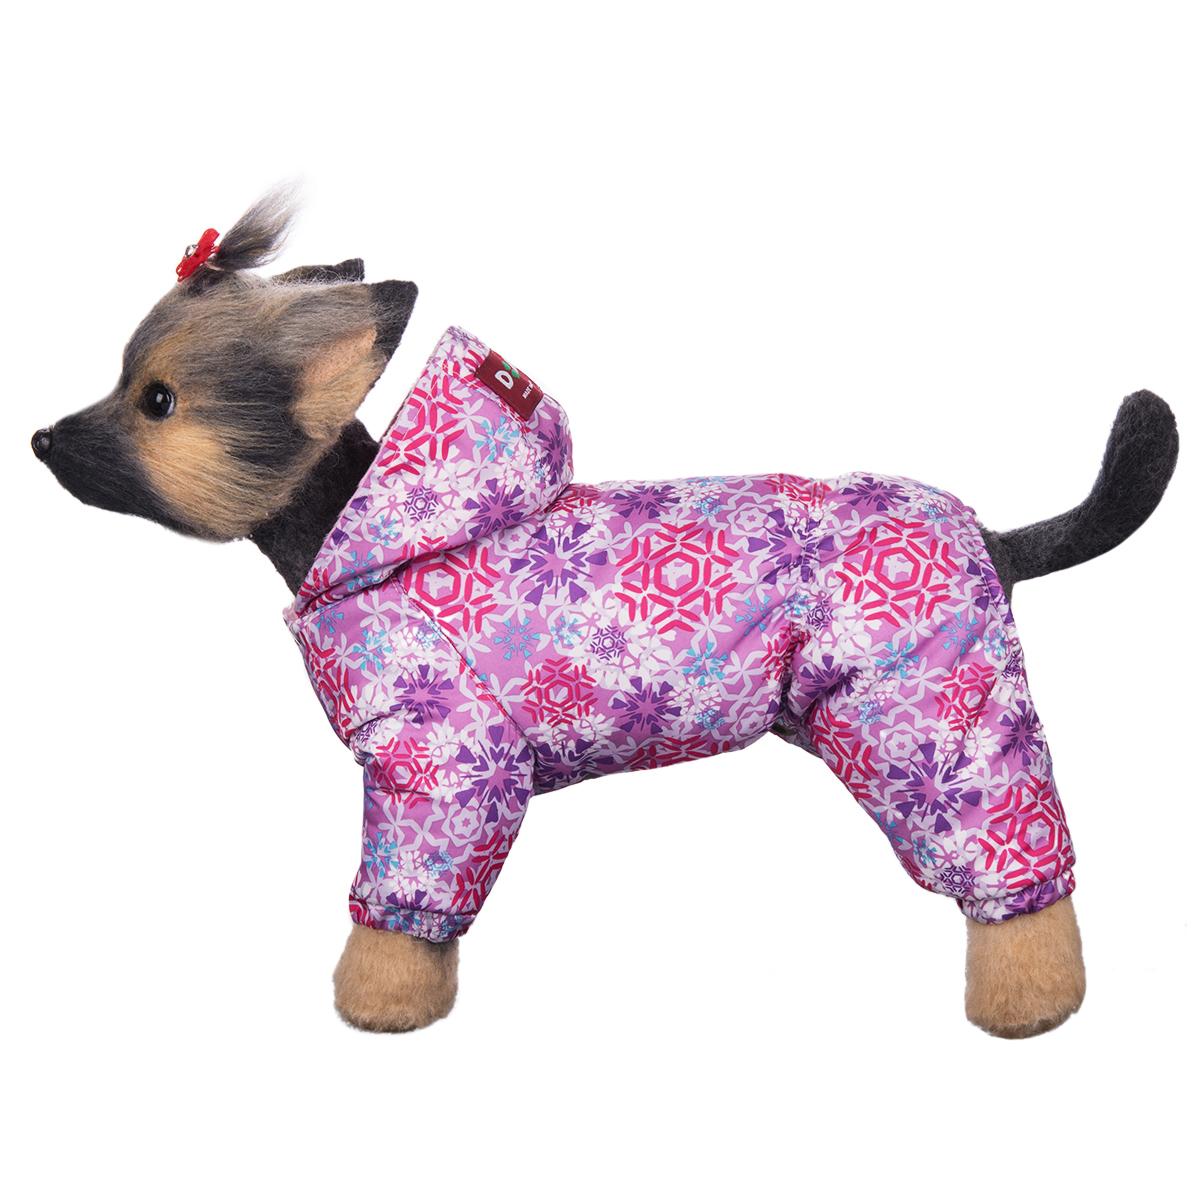 Комбинезон для собак Dogmoda Зима, зимний, для девочки, цвет: розовый, белый. Размер 1 (S)DM-160259-1Зимний комбинезон для собак Dogmoda Зима отлично подойдет для прогулок в зимнее время года. Комбинезон изготовлен из полиэстера, защищающего от ветра и снега, с утеплителем из синтепона, который сохранит тепло даже в сильные морозы, а на подкладке используется искусственный мех, который обеспечивает отличный воздухообмен. Комбинезон с капюшоном застегивается на кнопки, благодаря чему его легко надевать и снимать. Капюшон не отстегивается. Низ рукавов и брючин оснащен внутренними резинками, которые мягко обхватывают лапки, не позволяя просачиваться холодному воздуху. Благодаря такому комбинезону простуда не грозит вашему питомцу.